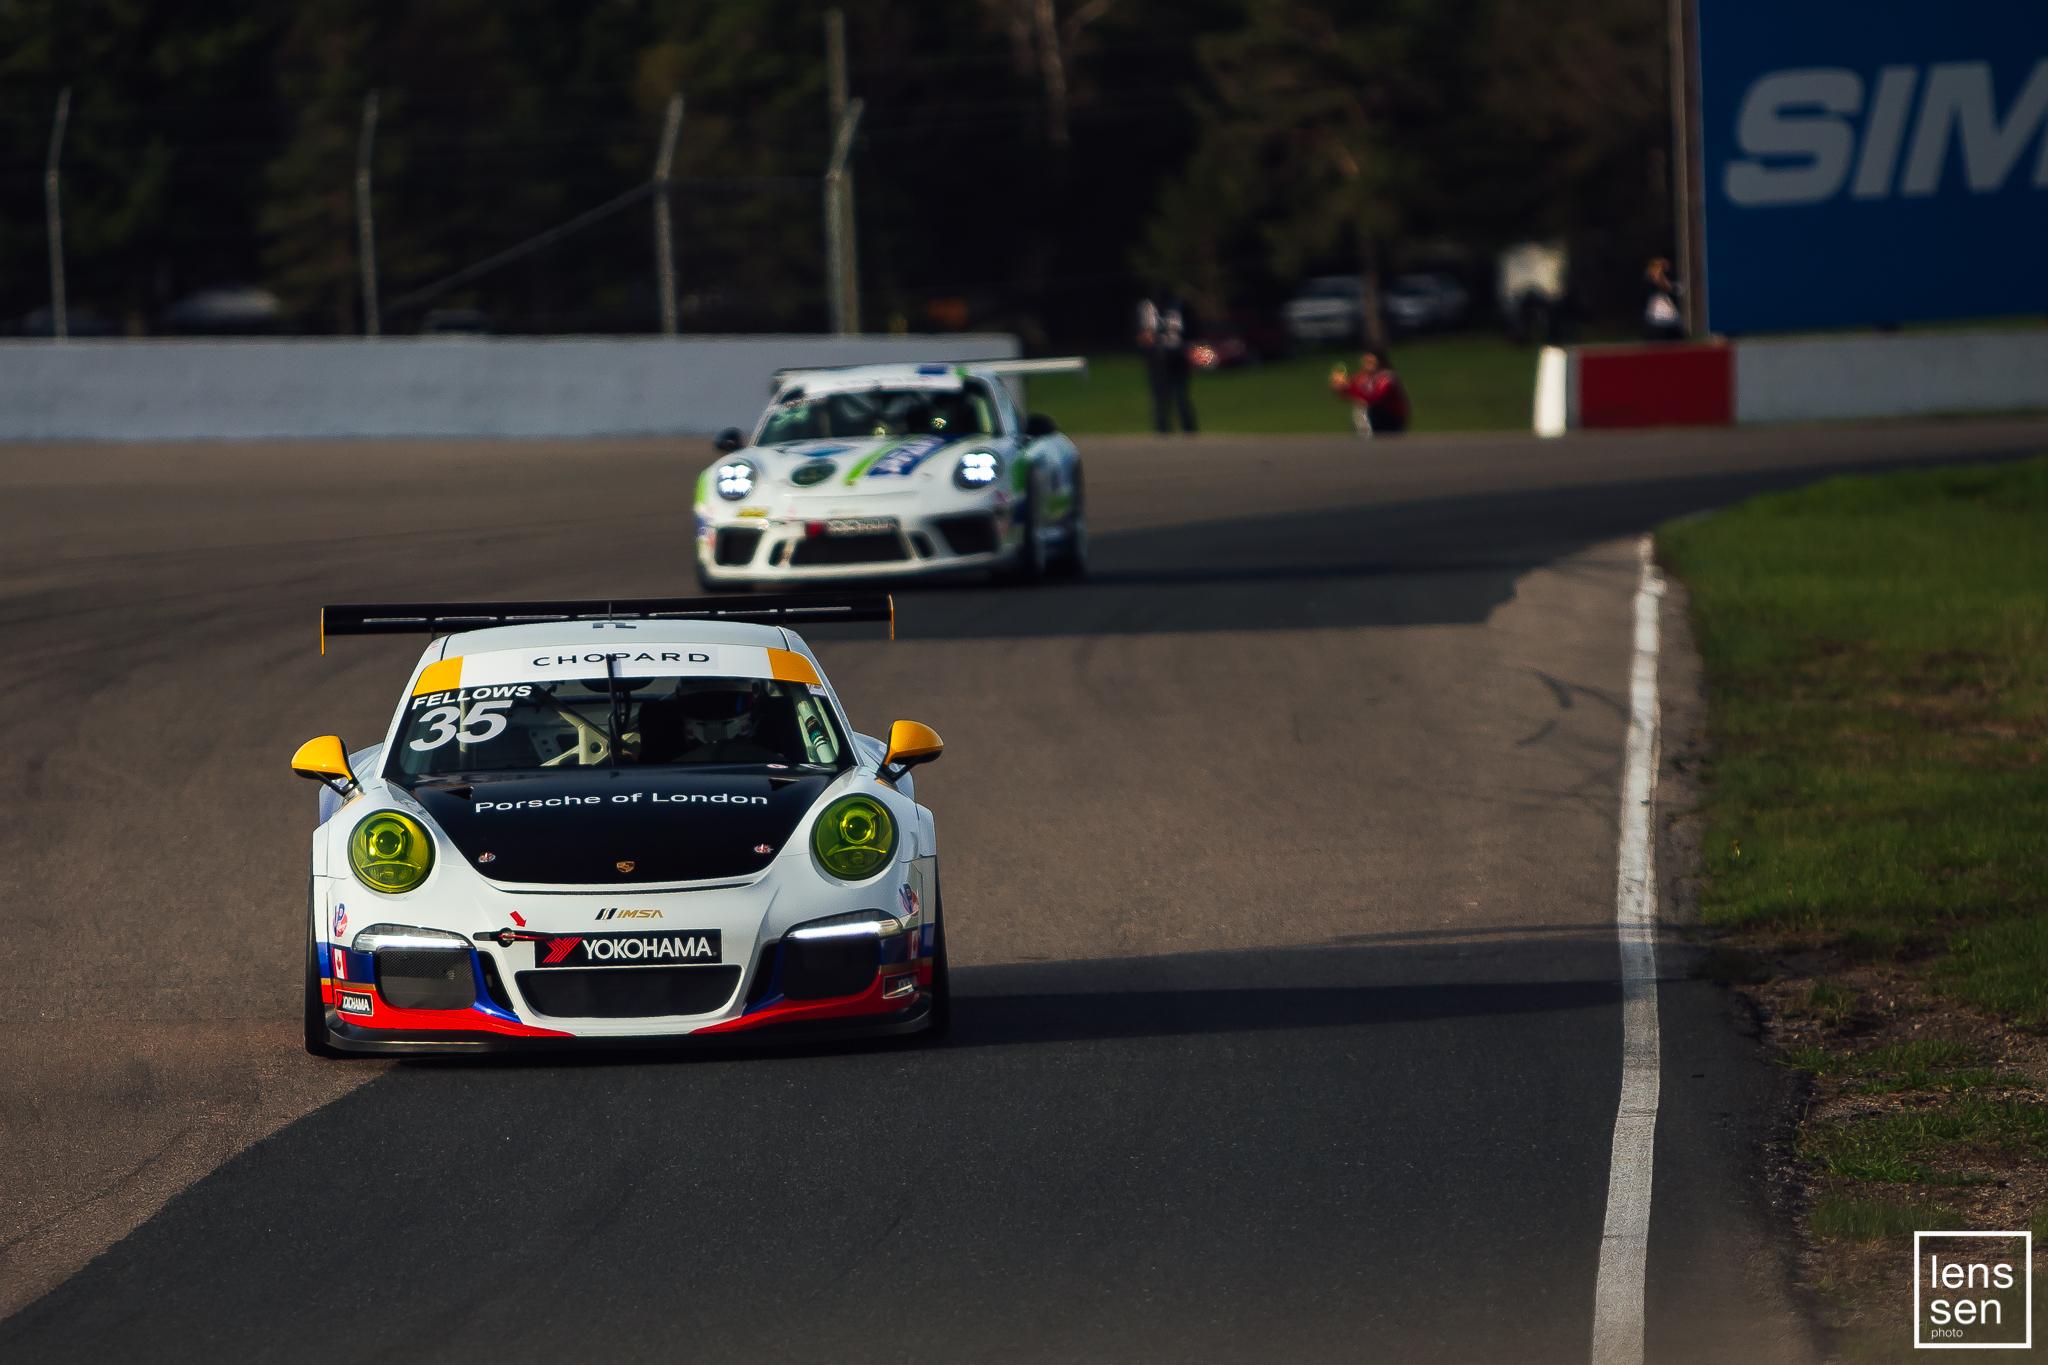 Porsche GT3 Cup Challenge Canada - 052019 - CTMP Mosport VDS 2019 - Lenssen Photo - 88 -7921.jpg